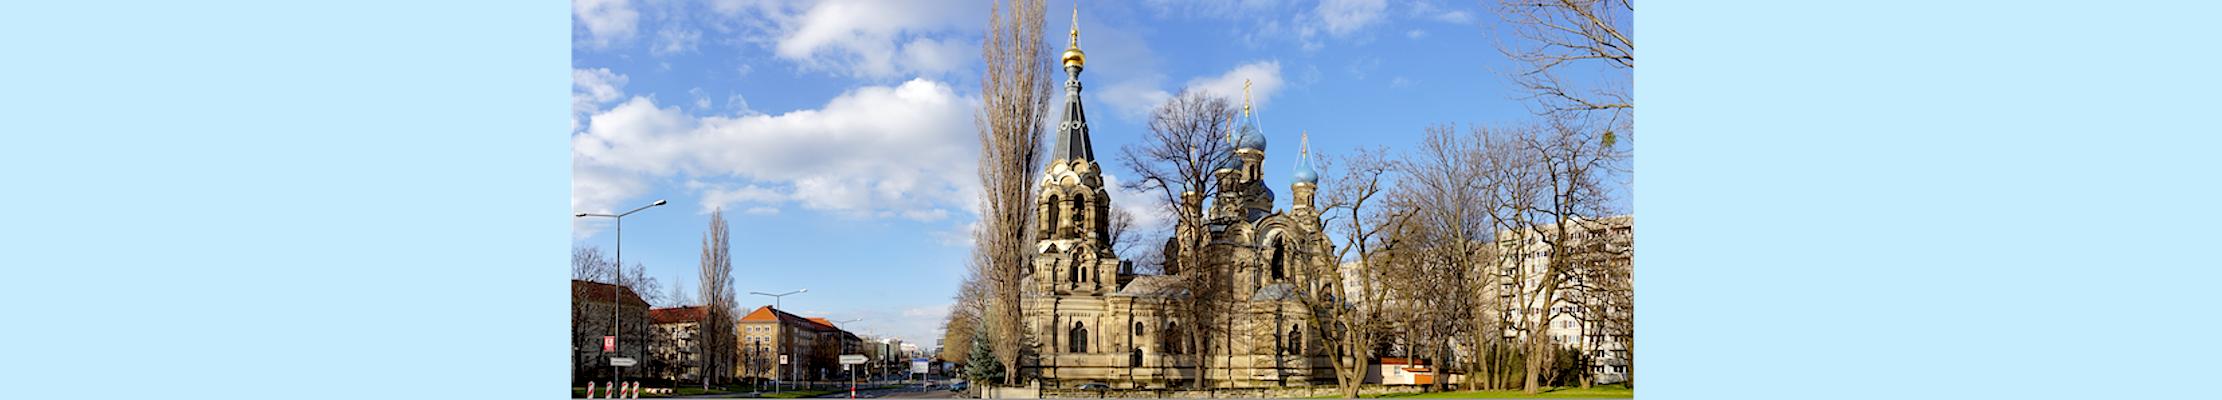 Русская православная церковь в Дрездене, Германия.